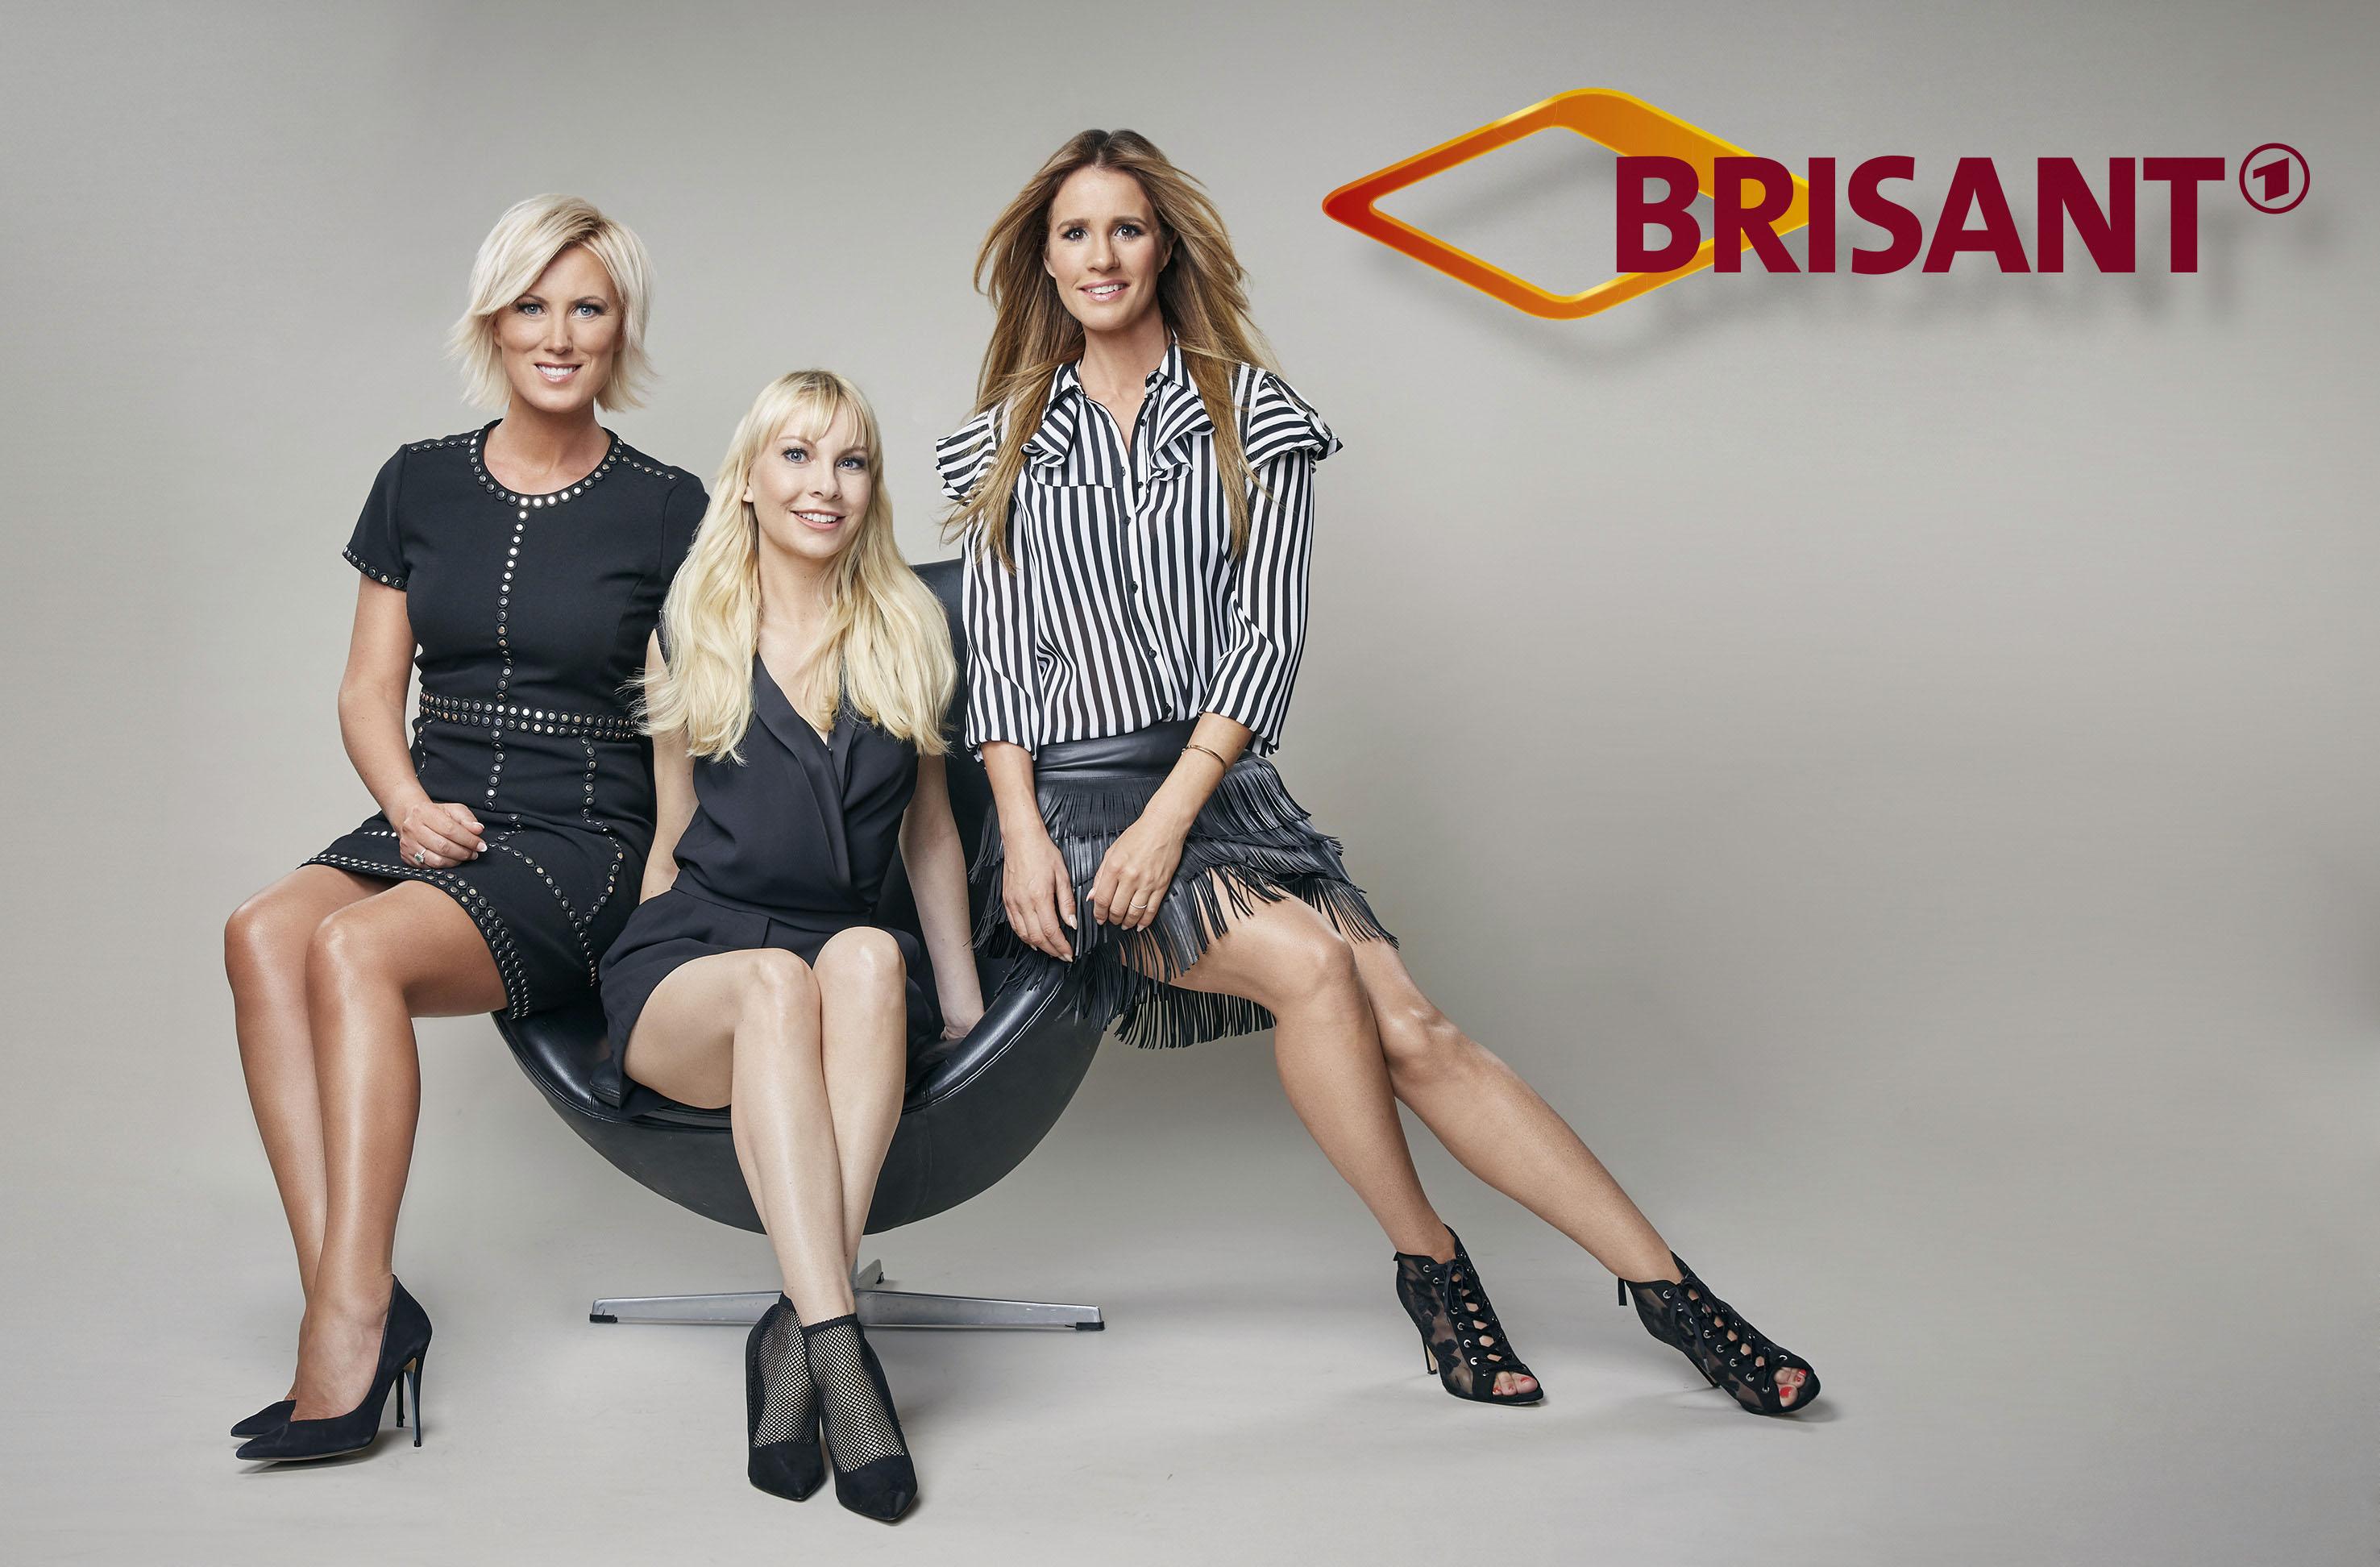 25 Jahre Brisant - eine Erfolgsstory | Presseportal